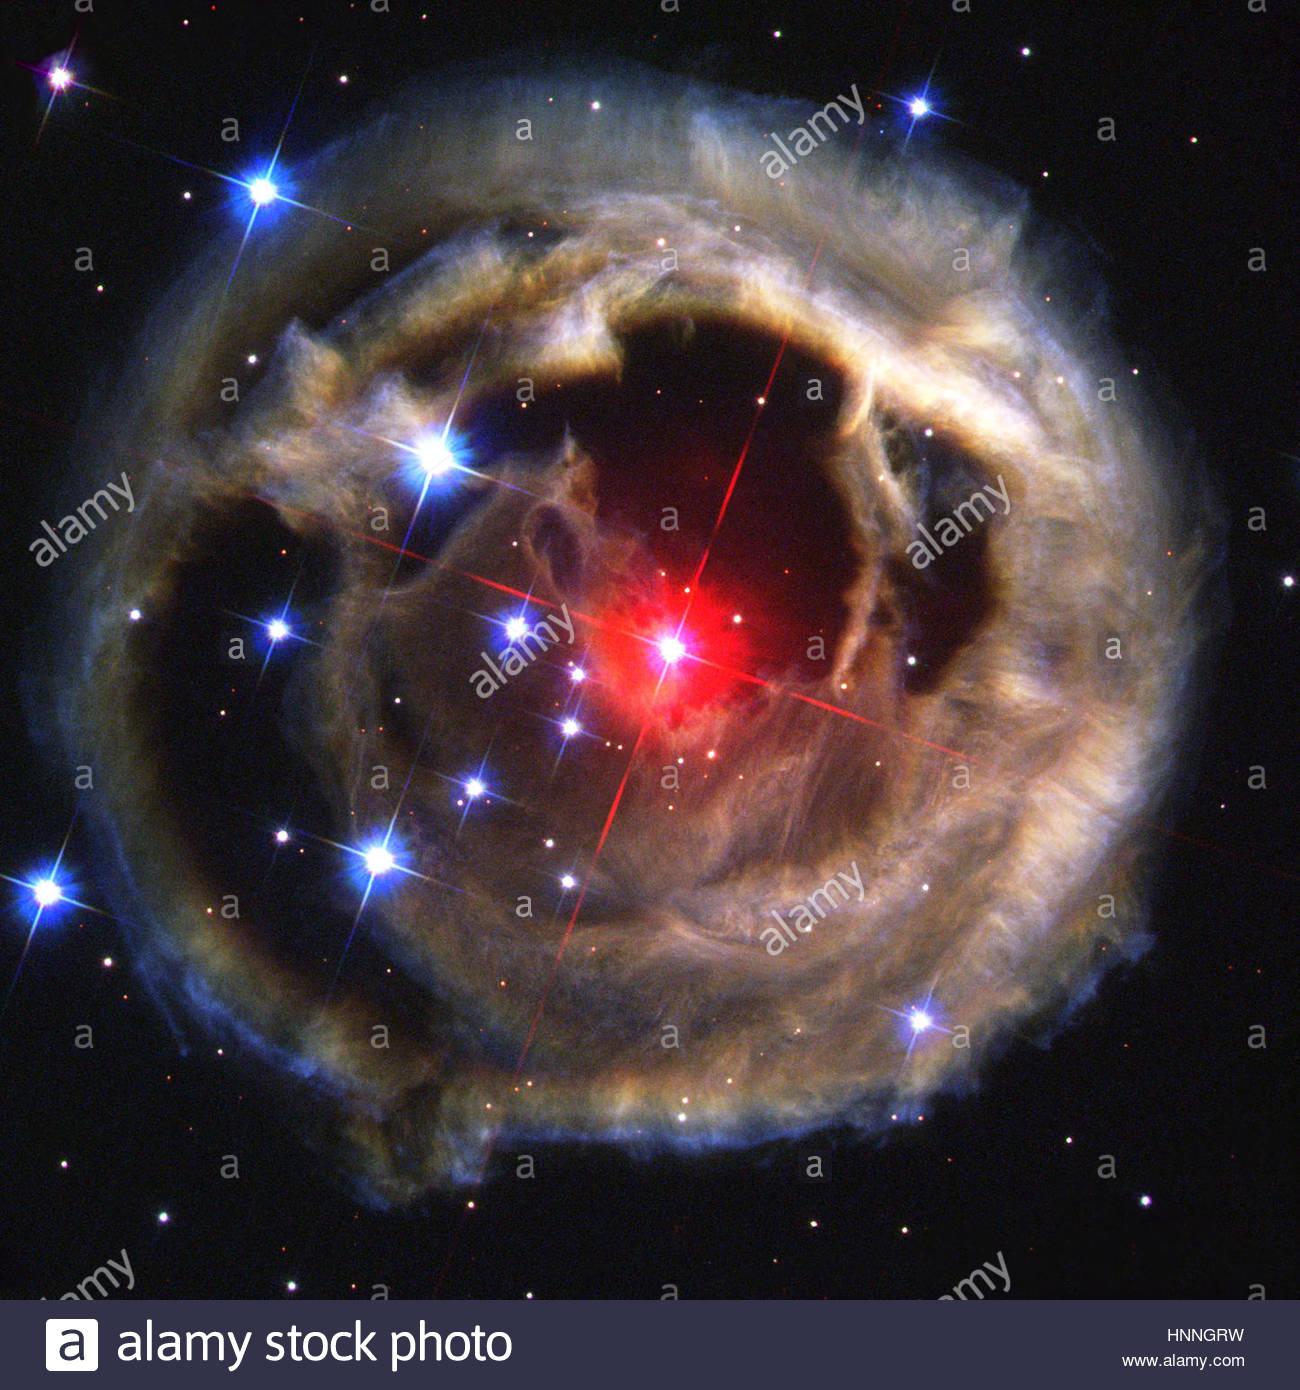 Über mehrere Monate im Jahr 2002 erfasst Hubble einen kosmische Spectaclea zerlumpten Ballon von Staub, die Stockbild